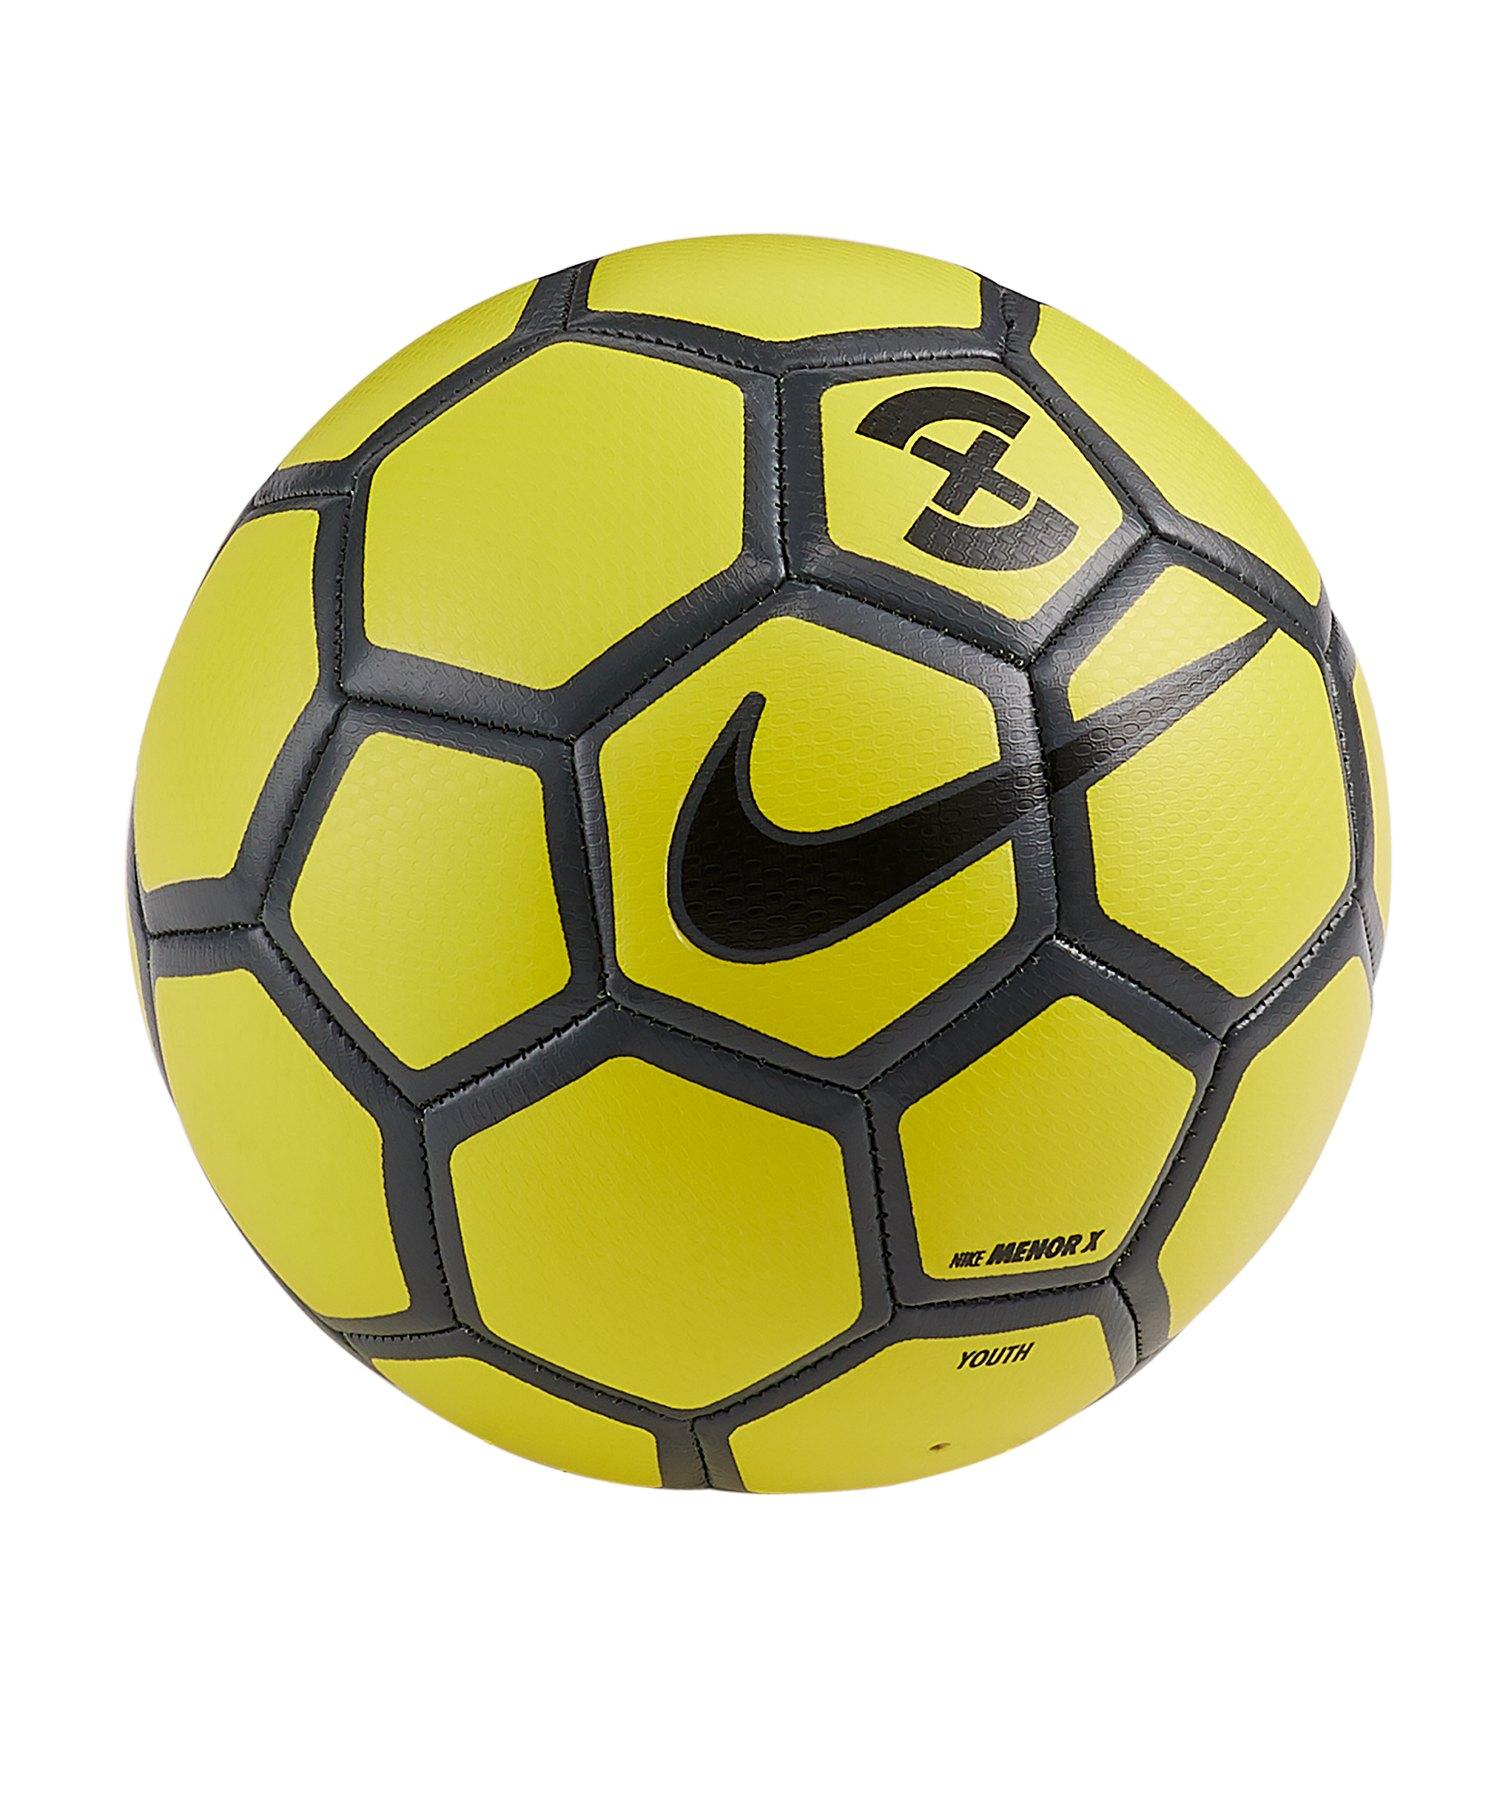 Nike Football X Menor Fussball Youth Gelb F731 - gelb